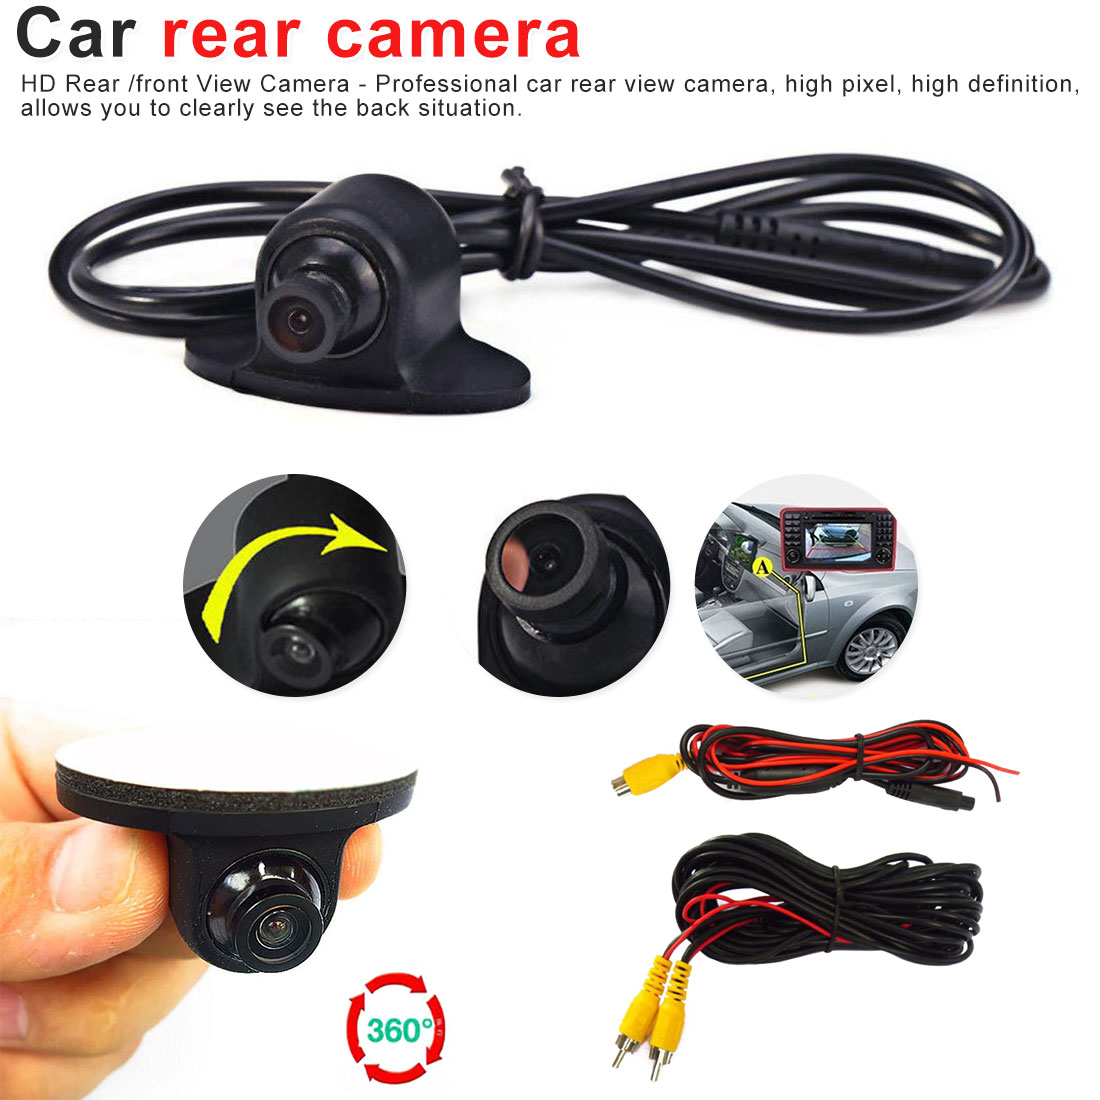 Mini CCD HD Visión Nocturna 360 grados de rotación 170 ° Gran Angular cámara de coche de respaldo trasero/cámara frontal/lateral para todos los coches